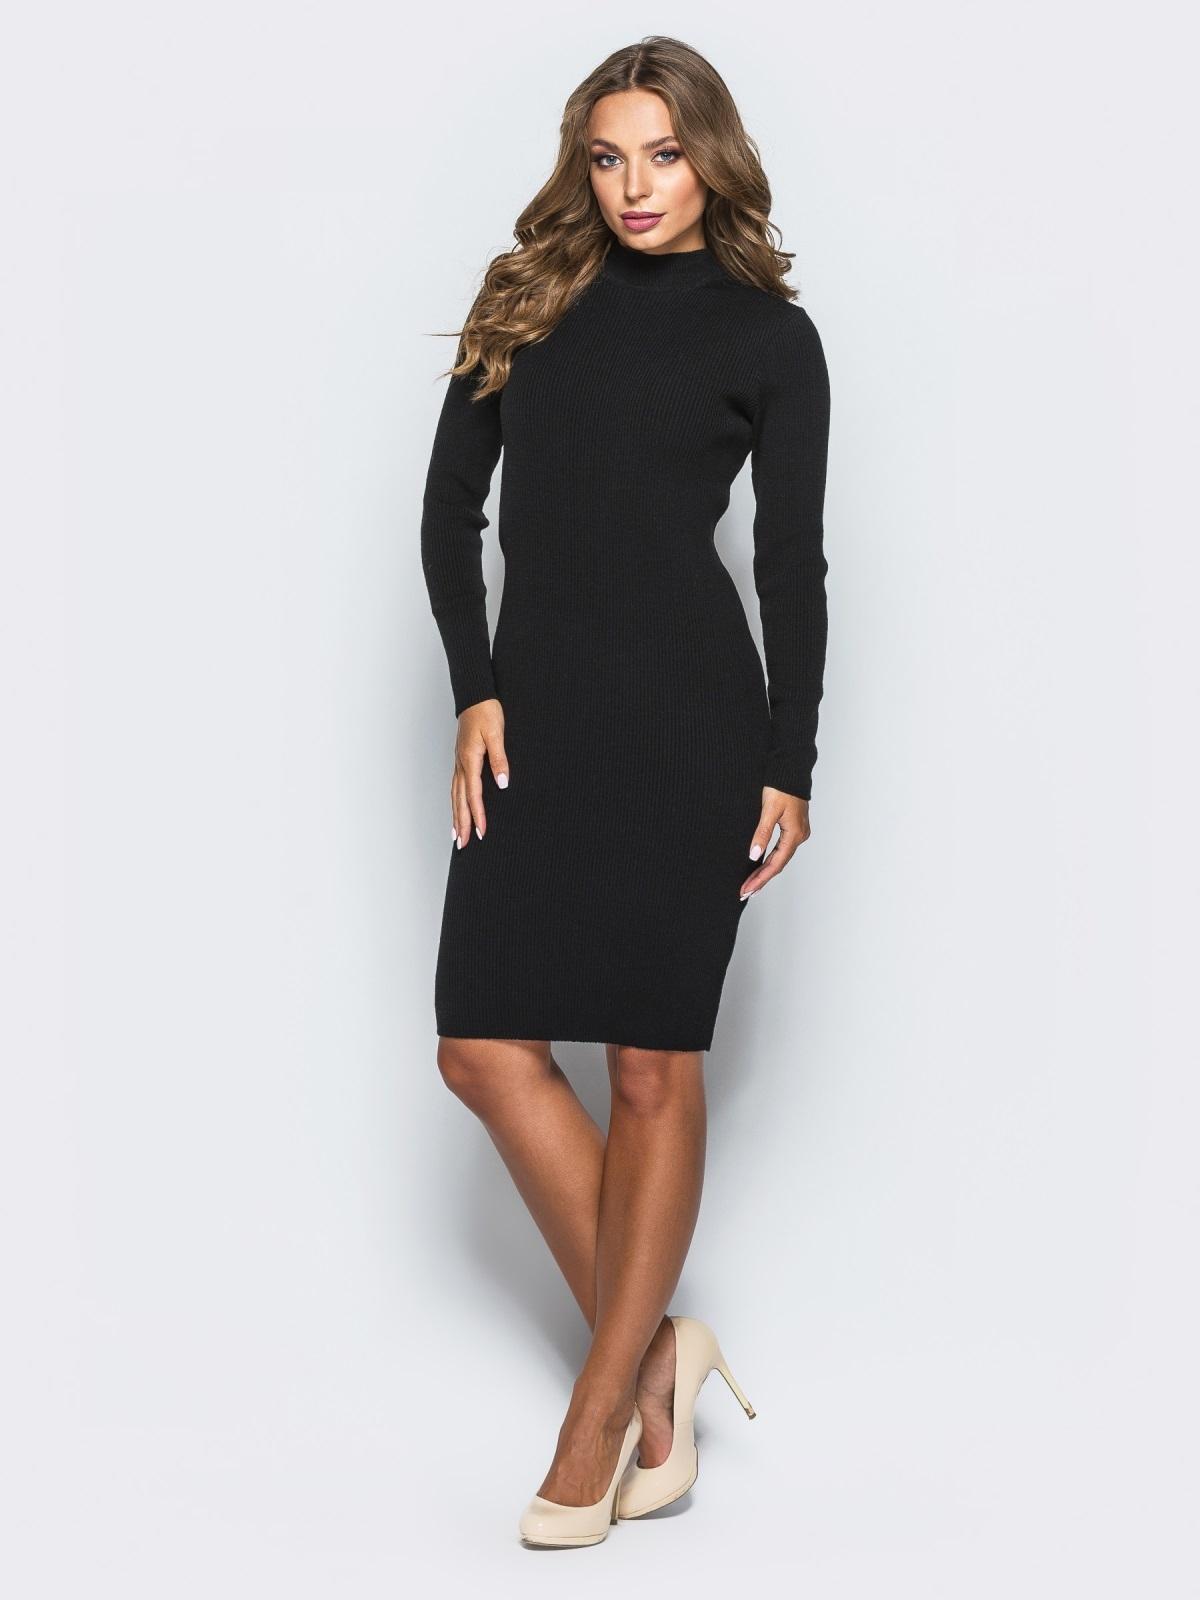 ce9dbc69ace Черное трикотажное платье в рубчик с длинными рукавами 15914 ...